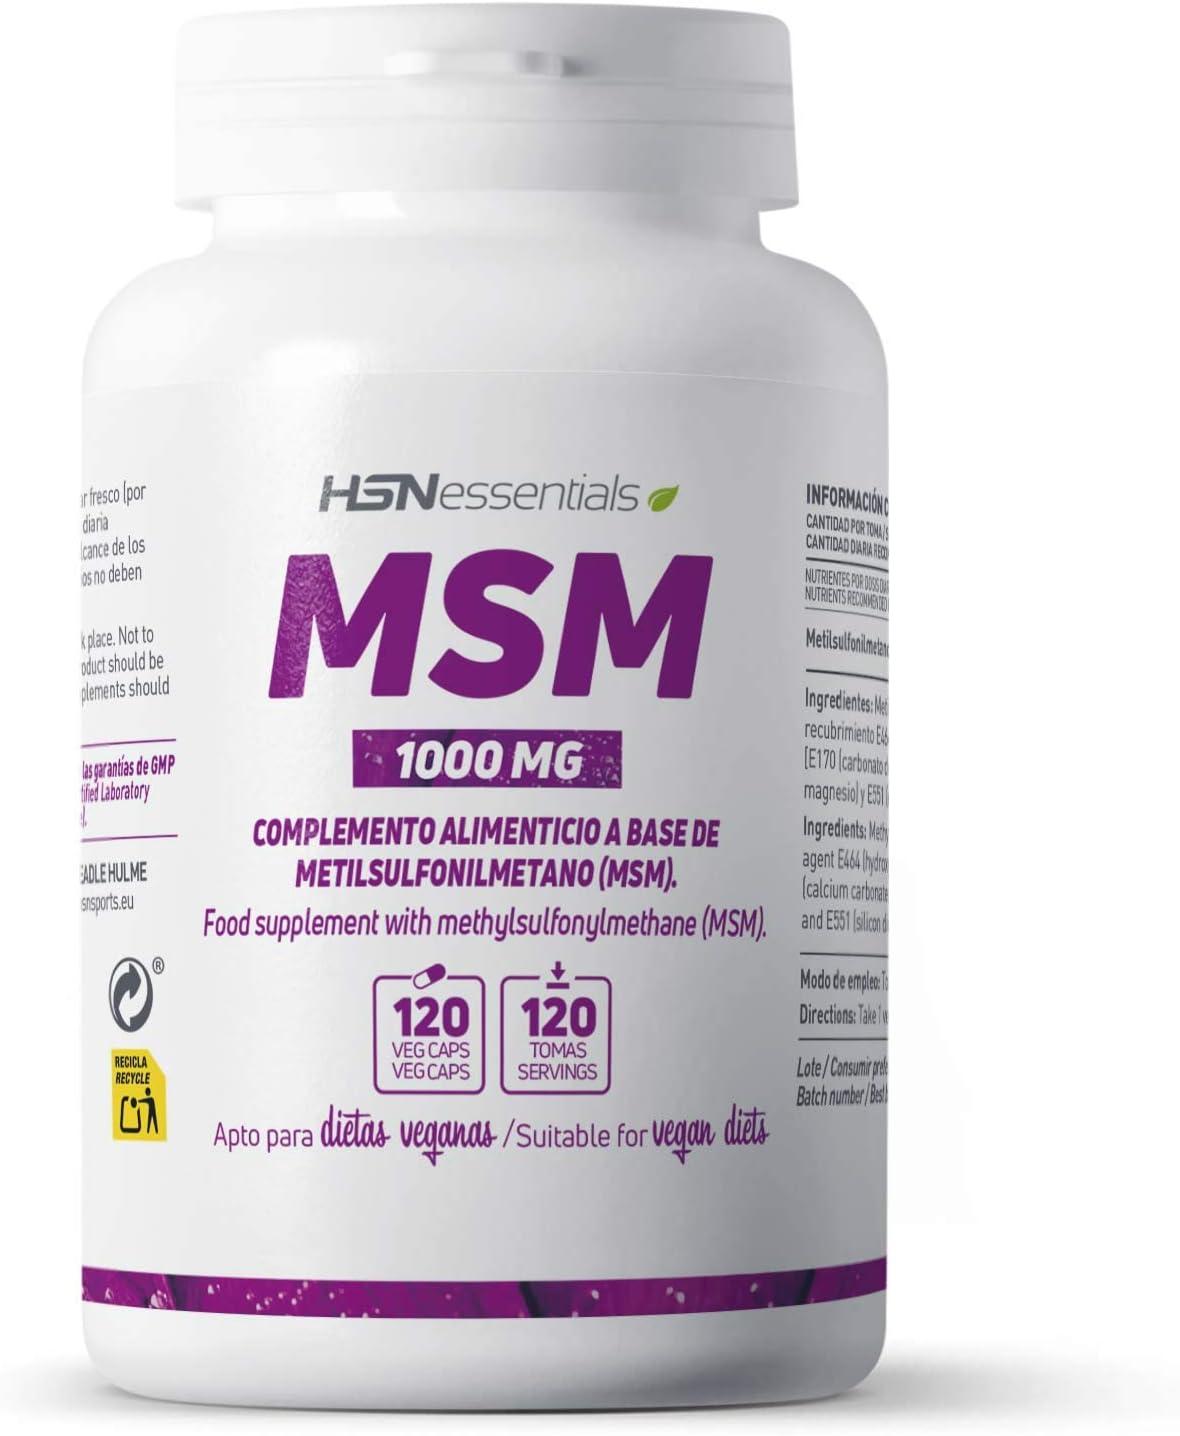 HSN MSM 1000 MG Aporta 1g de Metilsulfonilmetano por Cápsula | Suministro para 4 Meses | Ayuda para Articulaciones, Cabello y Piel | Vegano, Sin Gluten, Sin Lactosa, 120 Cápsulas Vegetales